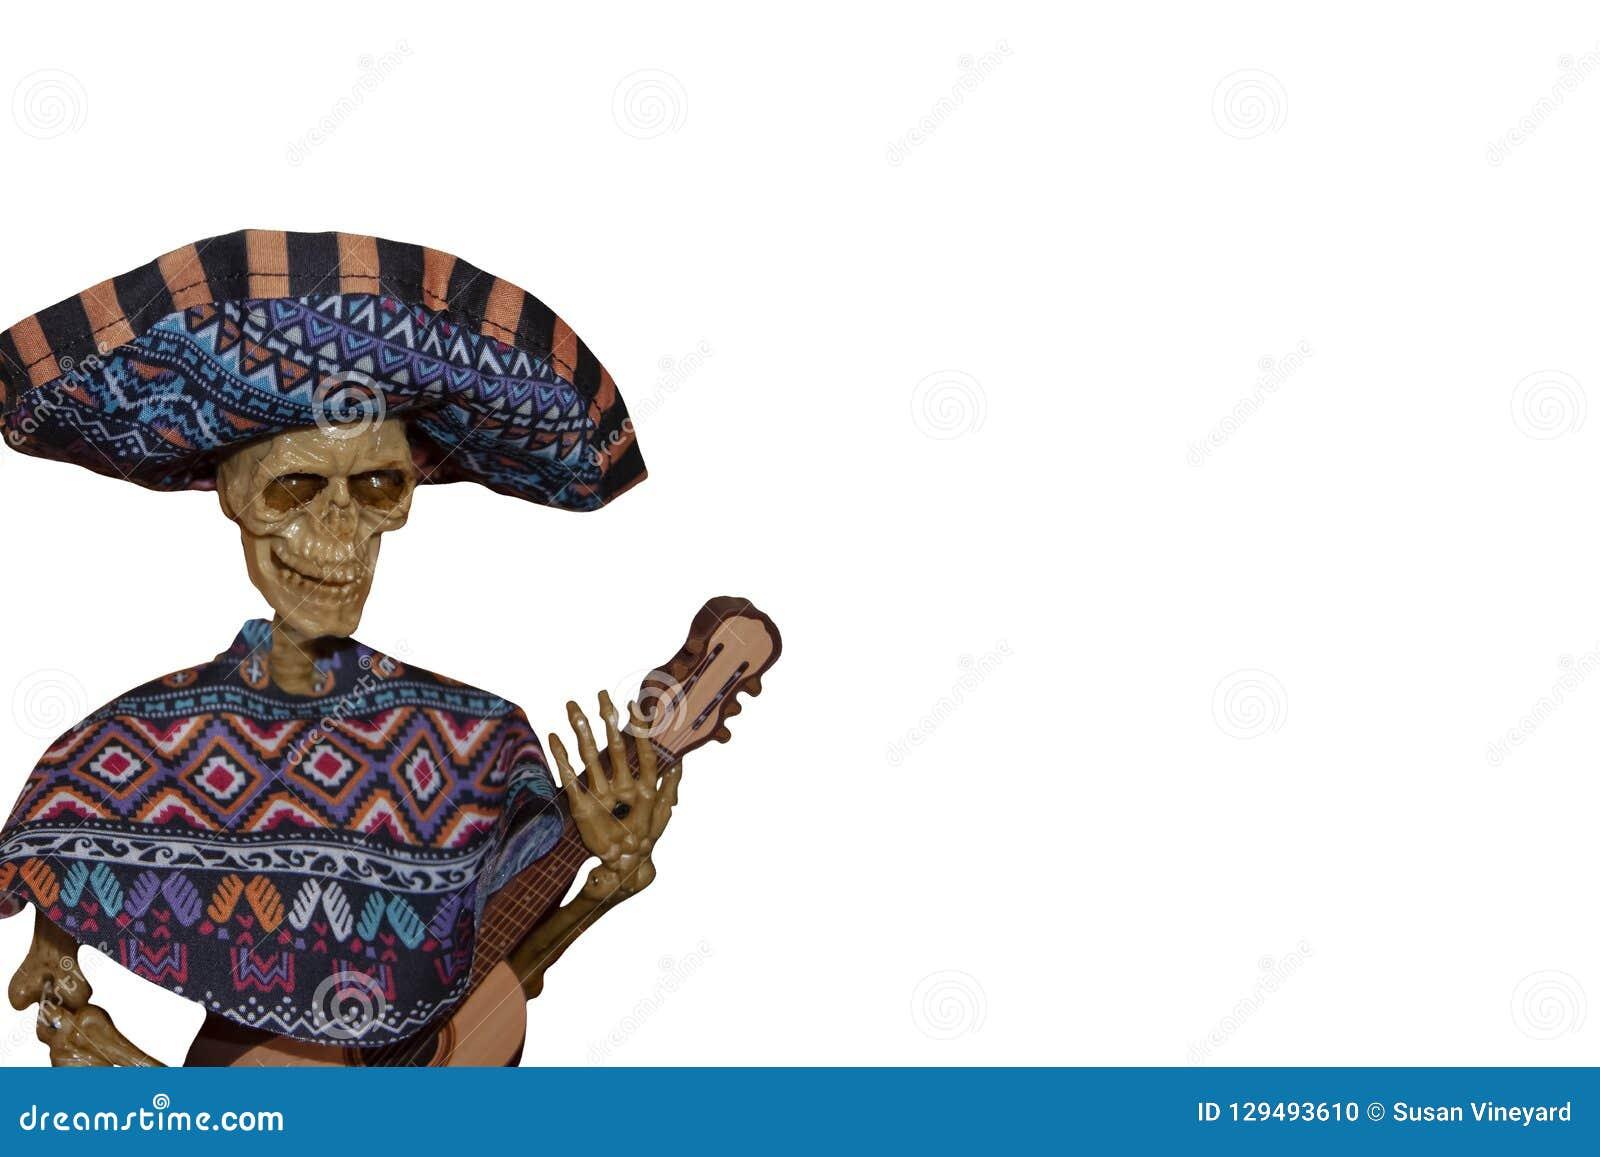 Jugador esquelético del Mariachi con el poncho y sombrero y guitarra - decoración de Halloween - en lado de la imagen blanca en b